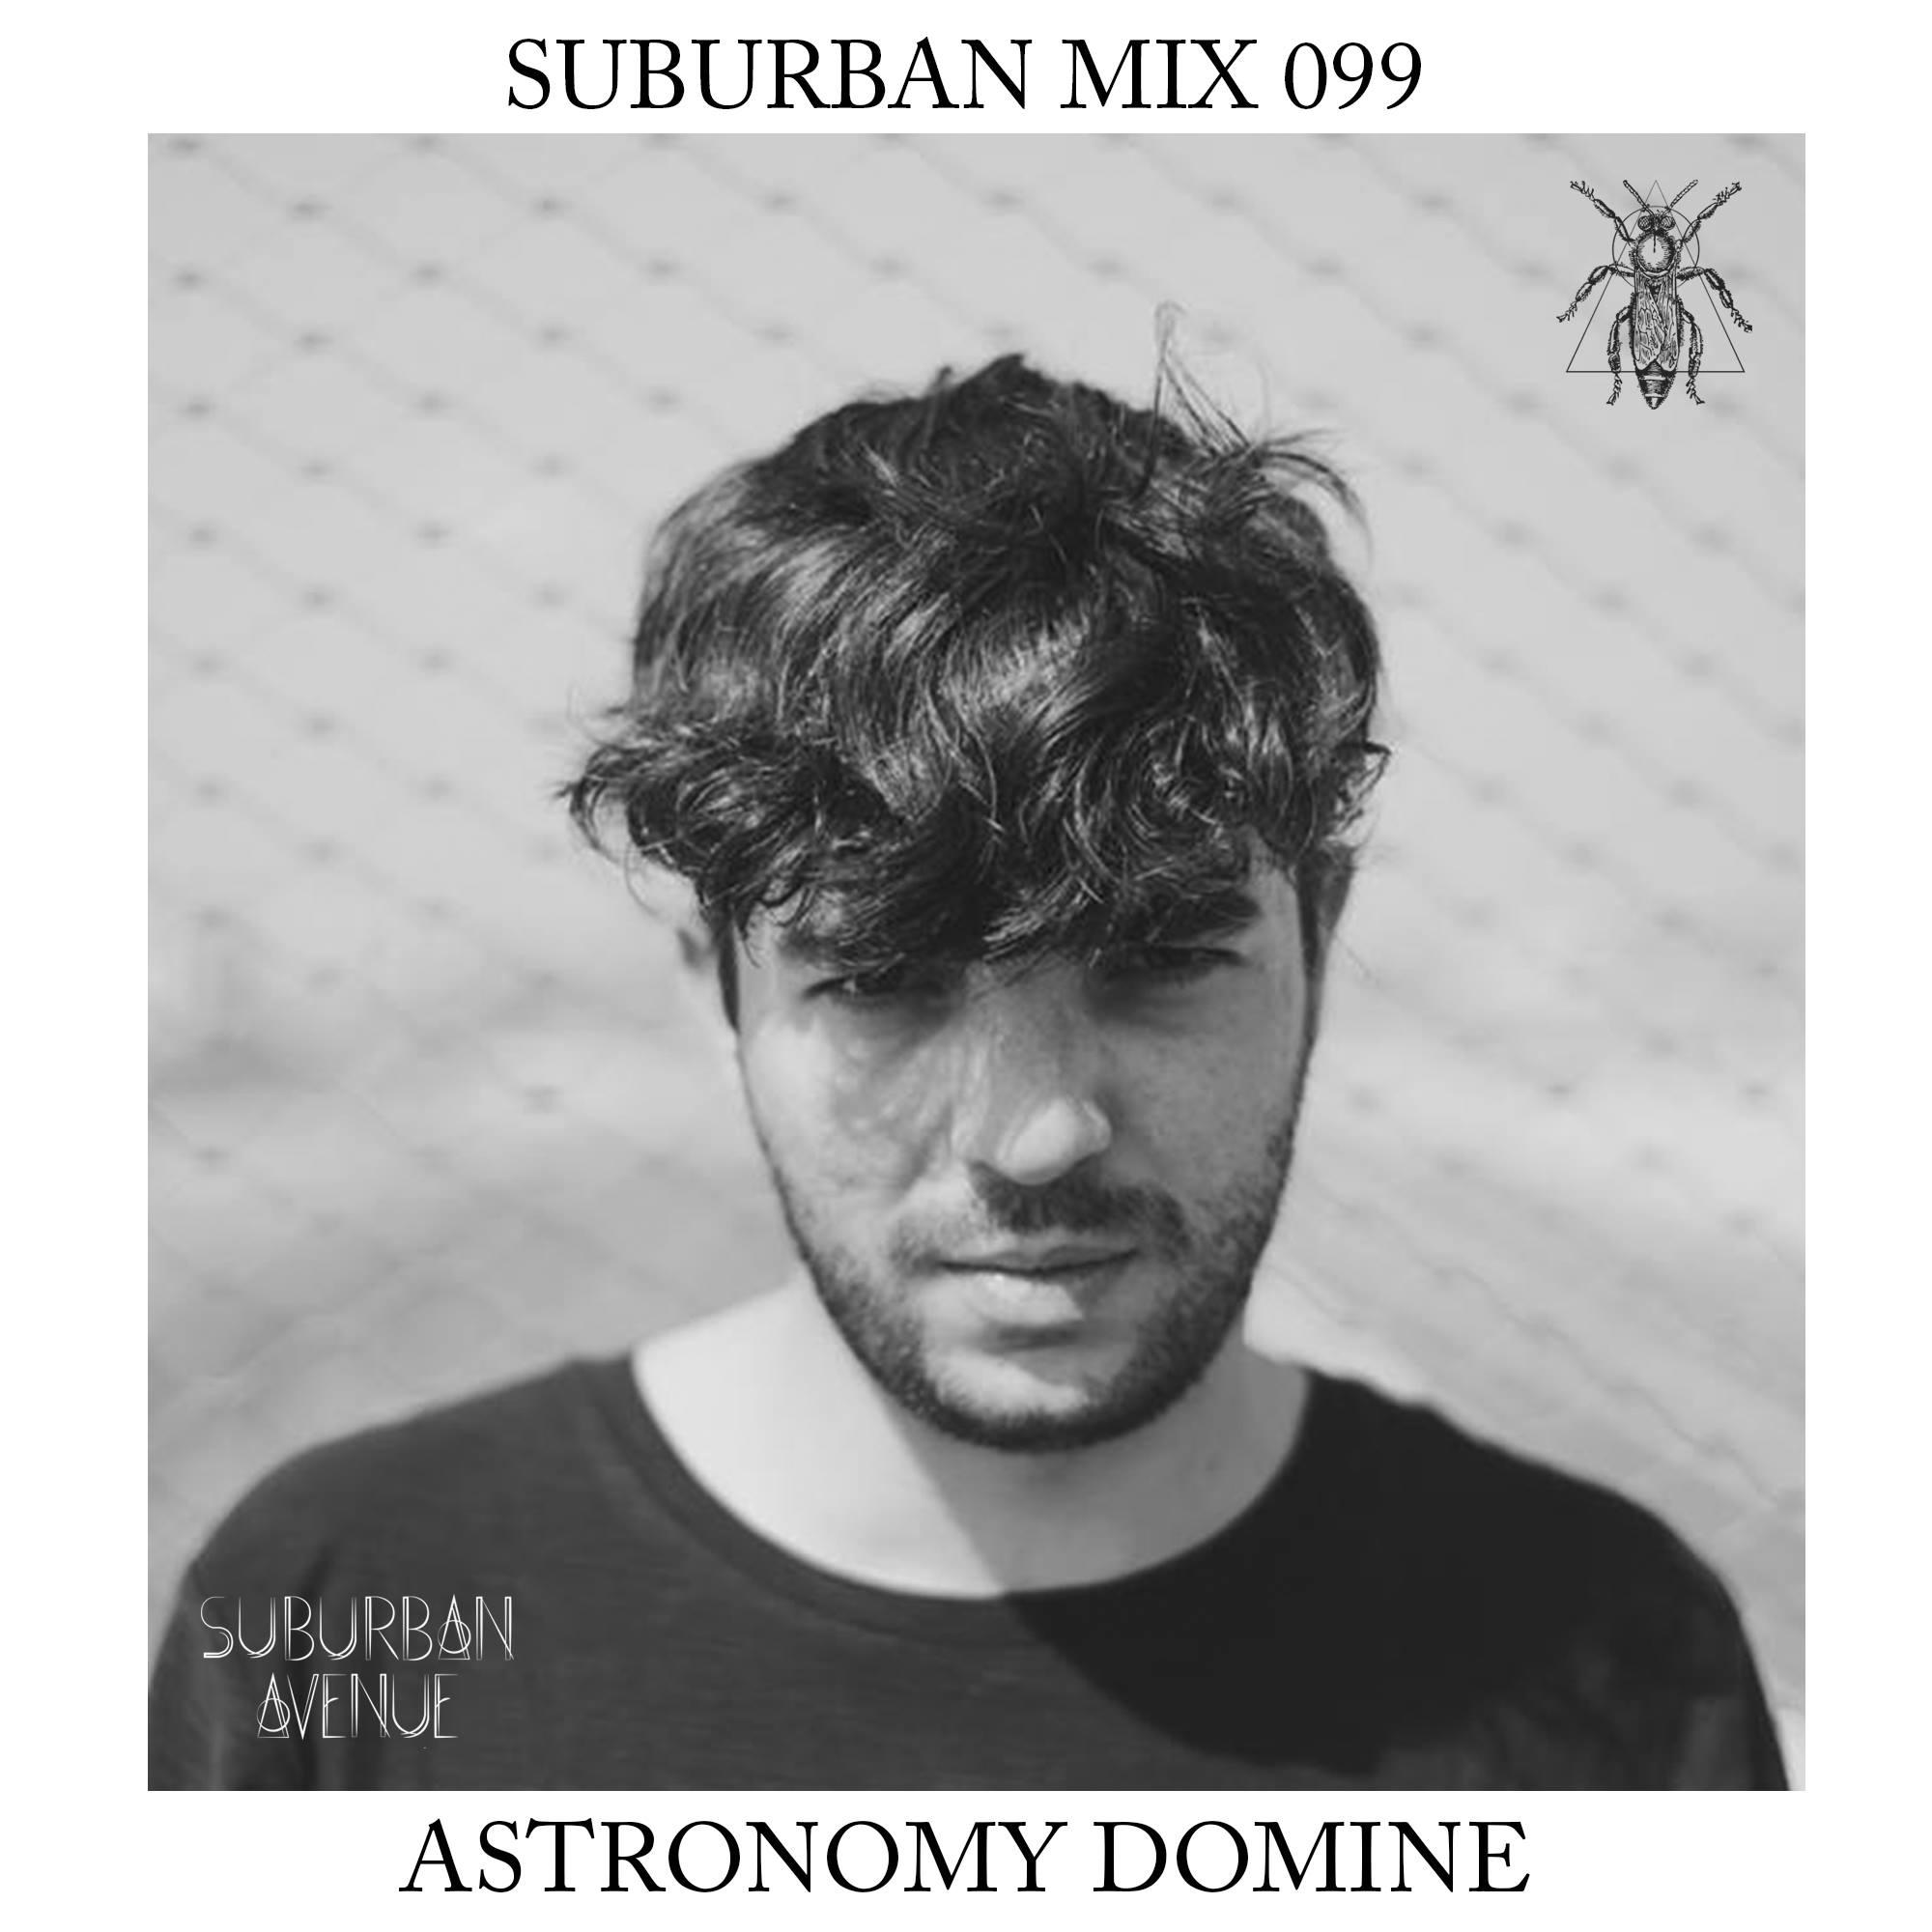 Suburban Mix 099 - Astronomy Domine